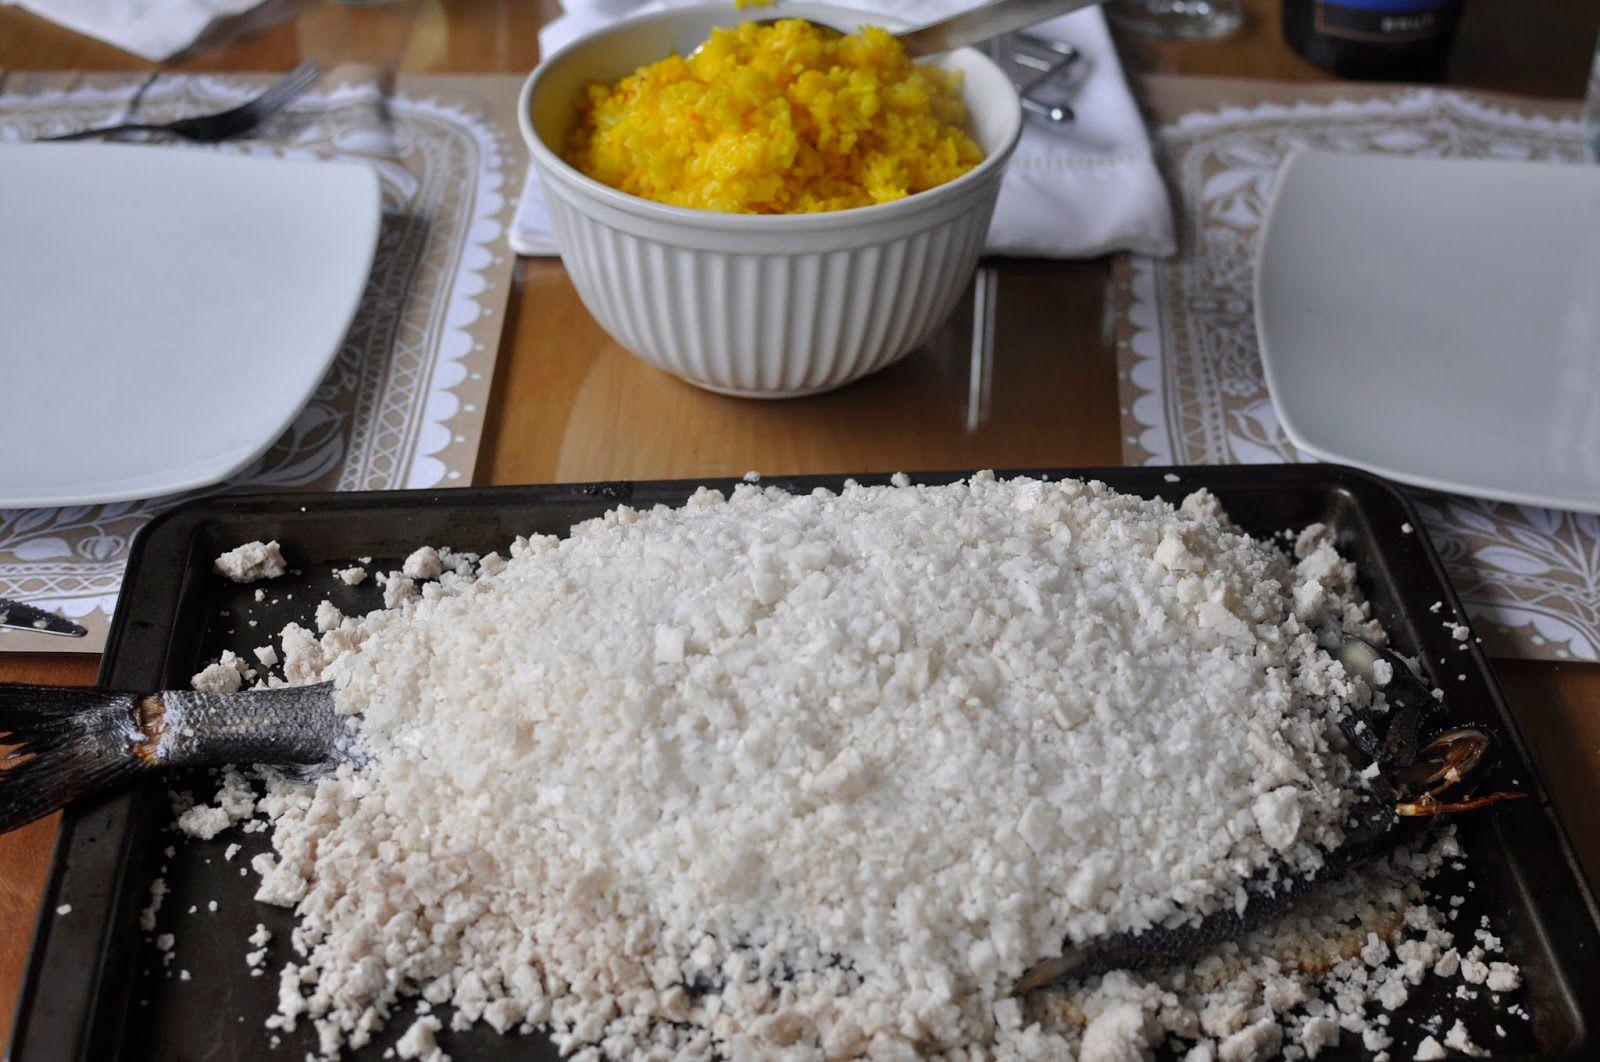 Pescado Cocinado A La Sal Gruesa Con Arroz Al Azafrán Arroz Con Azafrán Recetas De Pescado Al Horno Pescado